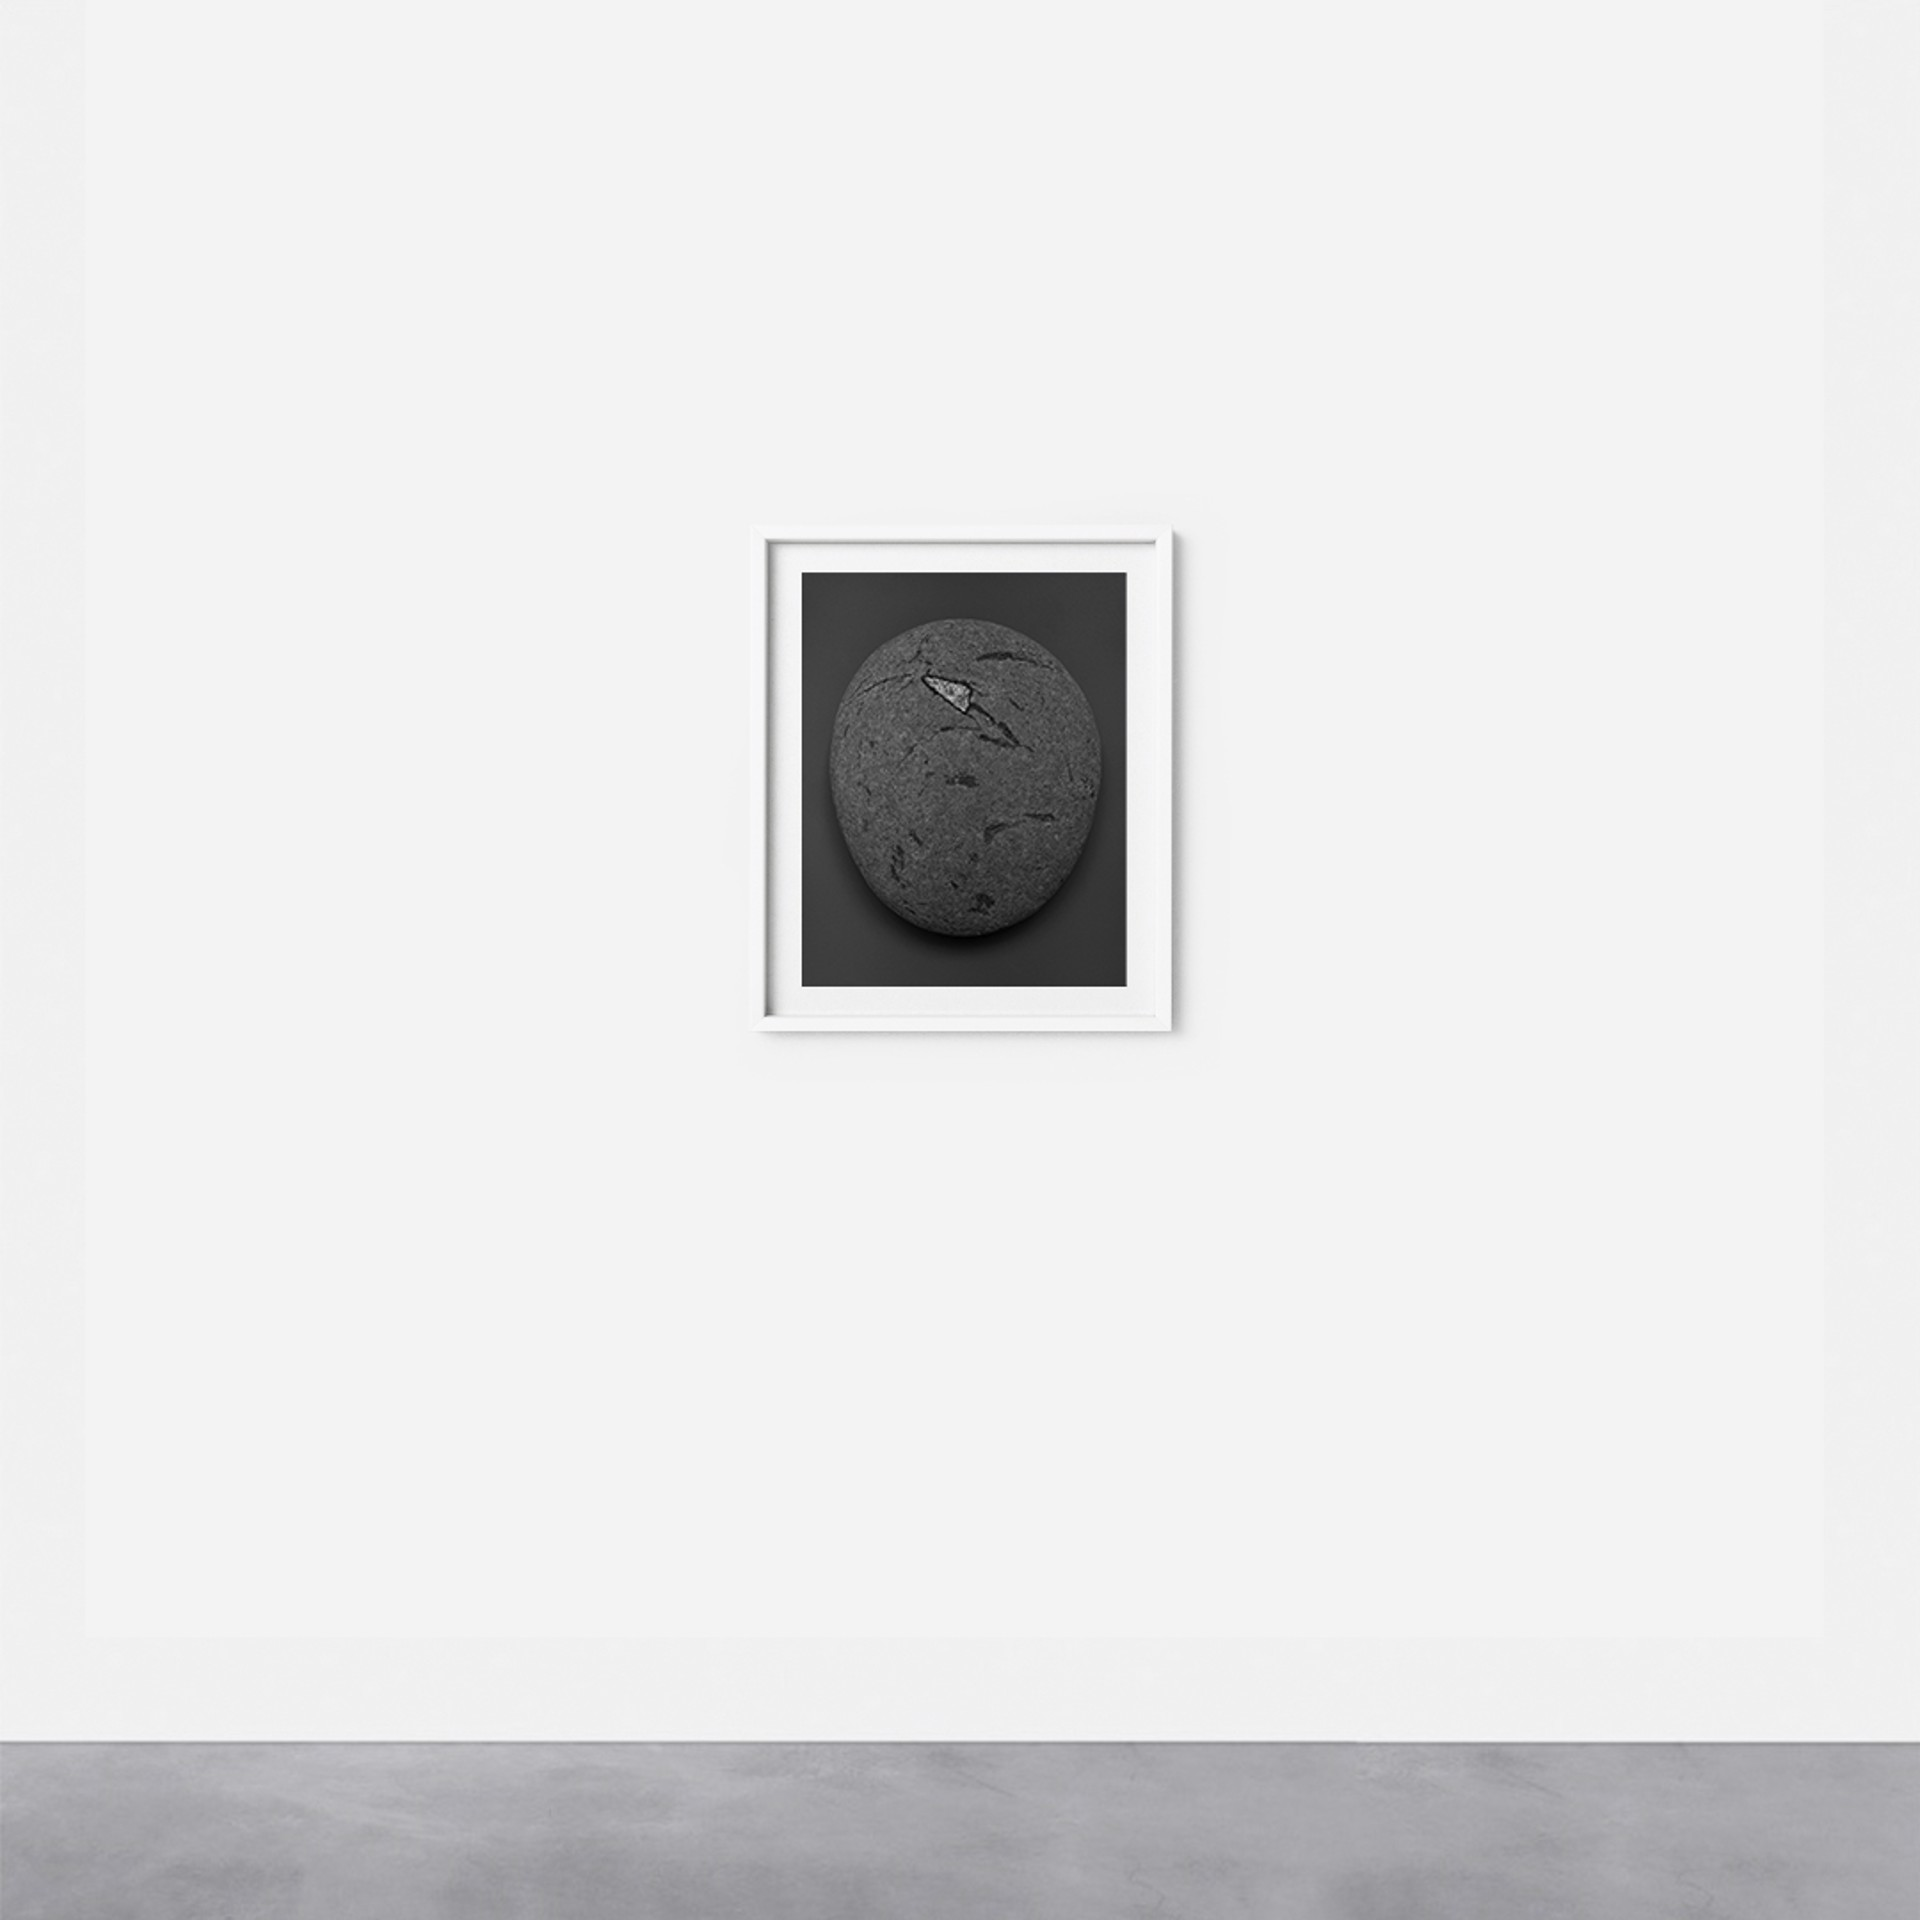 Shadow stone #7 by Gabriella Imperatori-Penn